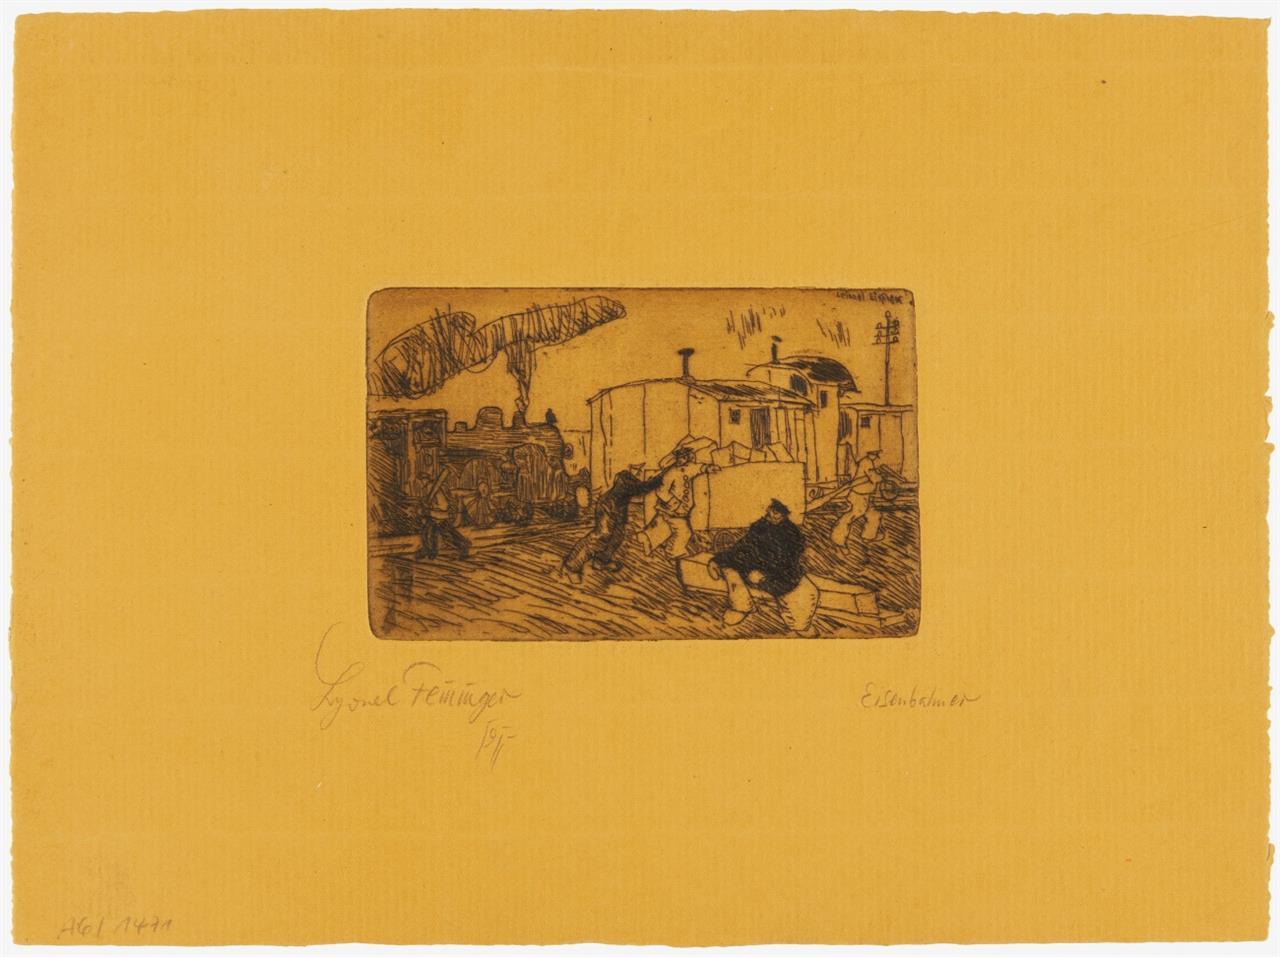 Lyonel Feininger. Eisenbahner. 1911. Radierung auf orangefarbenem Bütten. Signiert. Prasse E34.